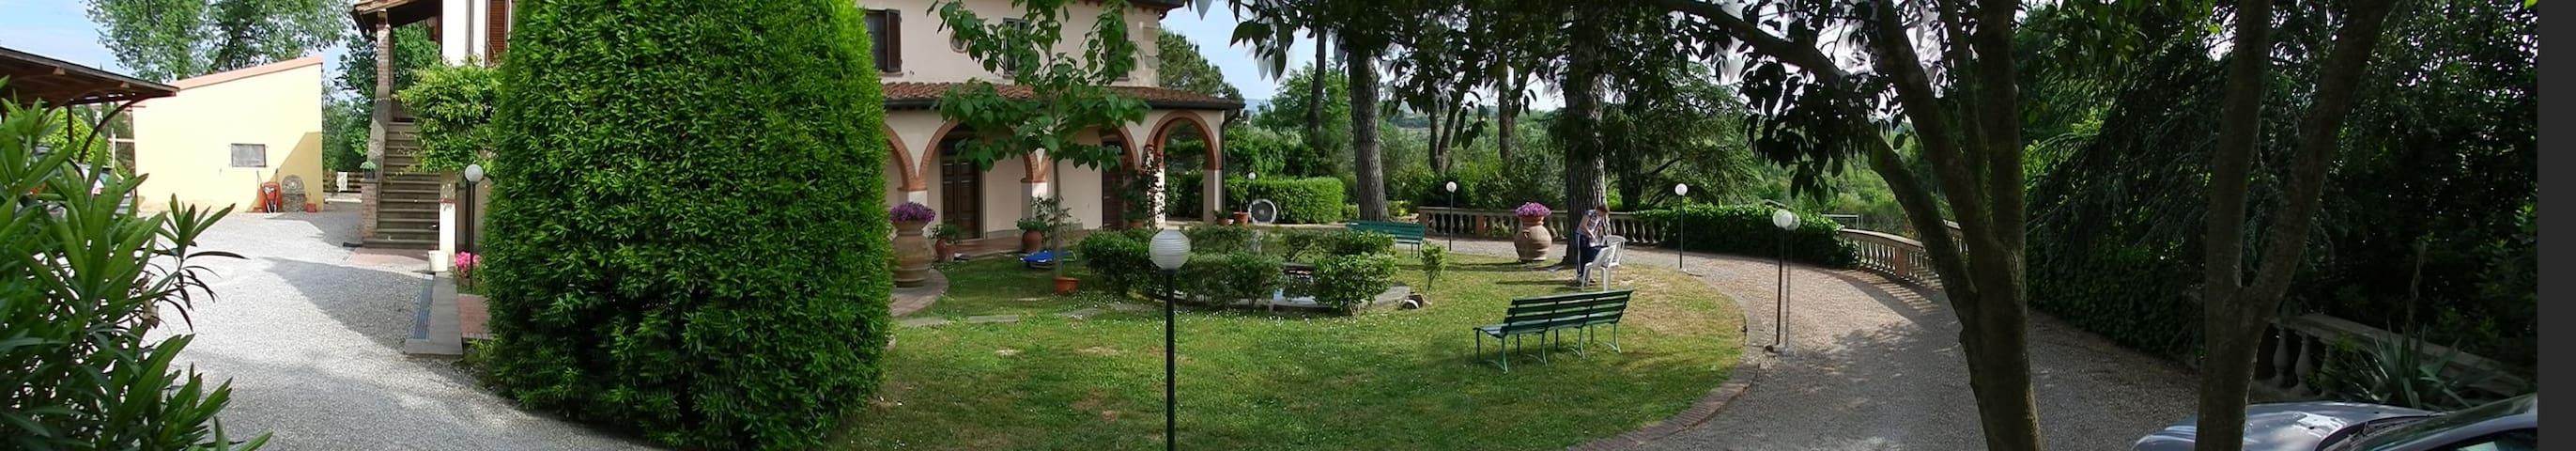 Villa Calabrò con parco e piscina - Lari - Pis